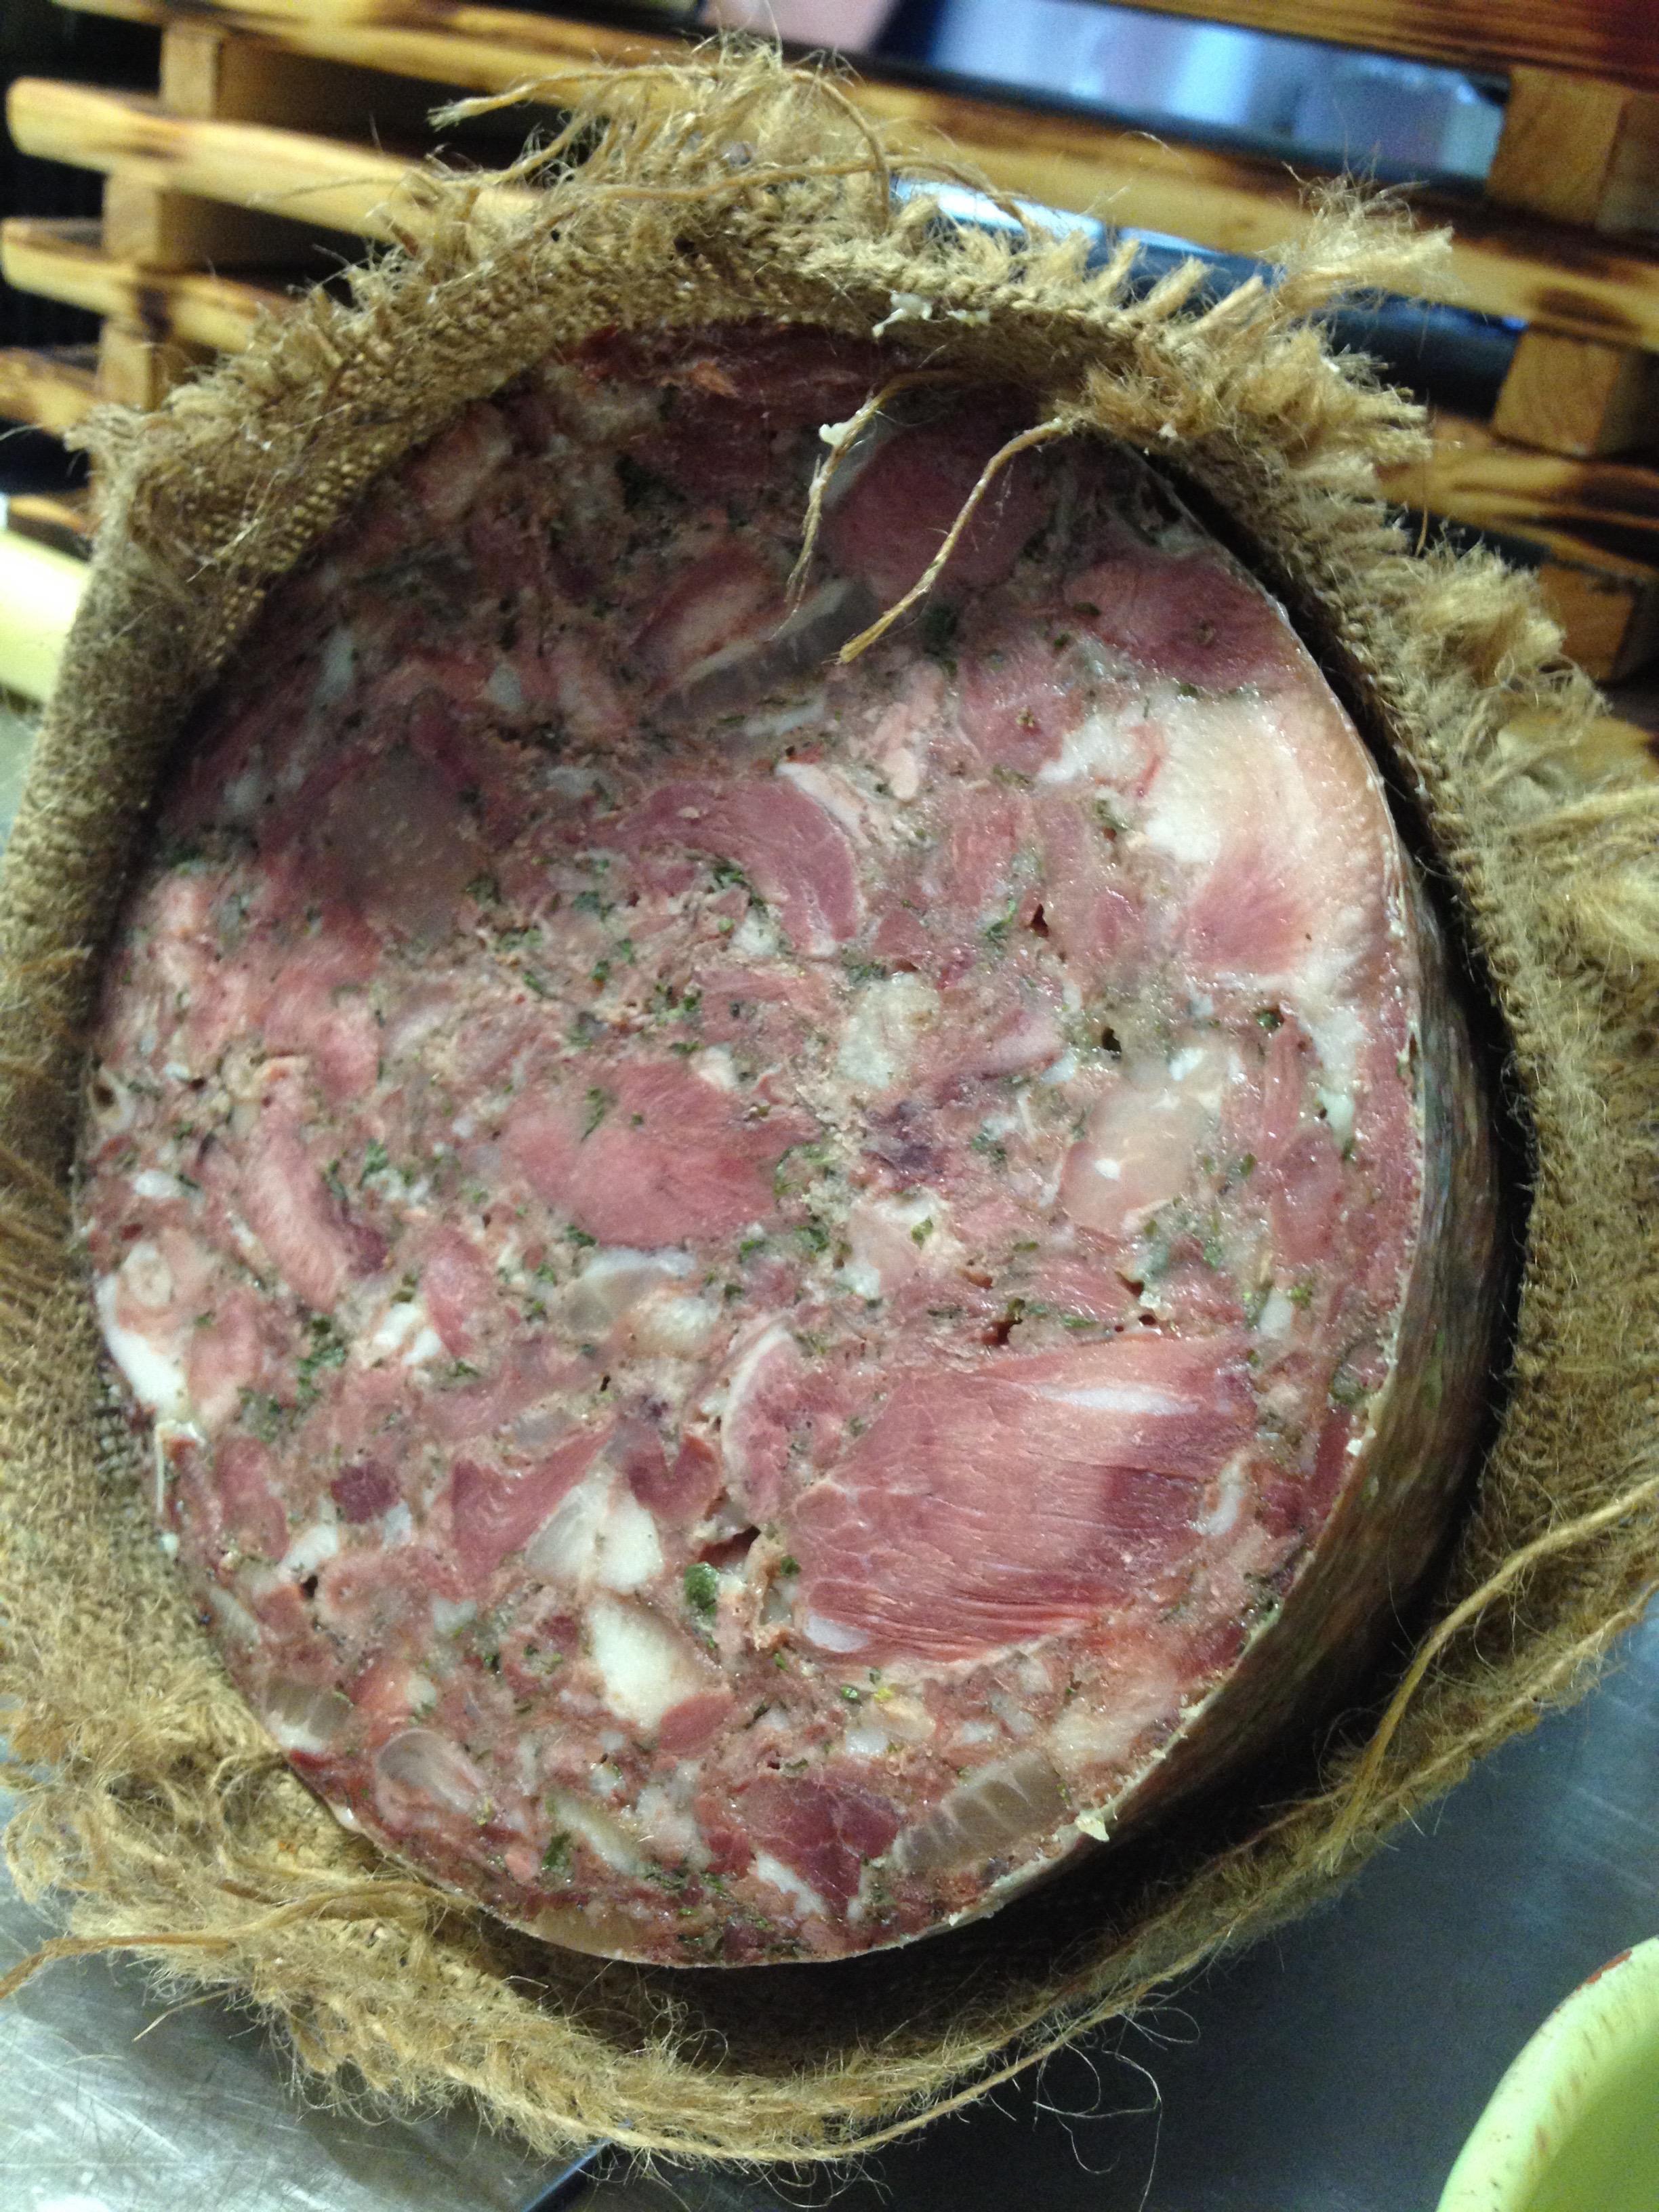 Les charcuteries viennent de Toscane: Salumi di scarpaccia est une exploitation à taille humaine qui élève ses porc en plein air. Leurs spécialités sont élaborées à partir de recettes typiquement Toscannaise à base de baies de genièvre, de vin Chianti et d'herbes aromatiques.